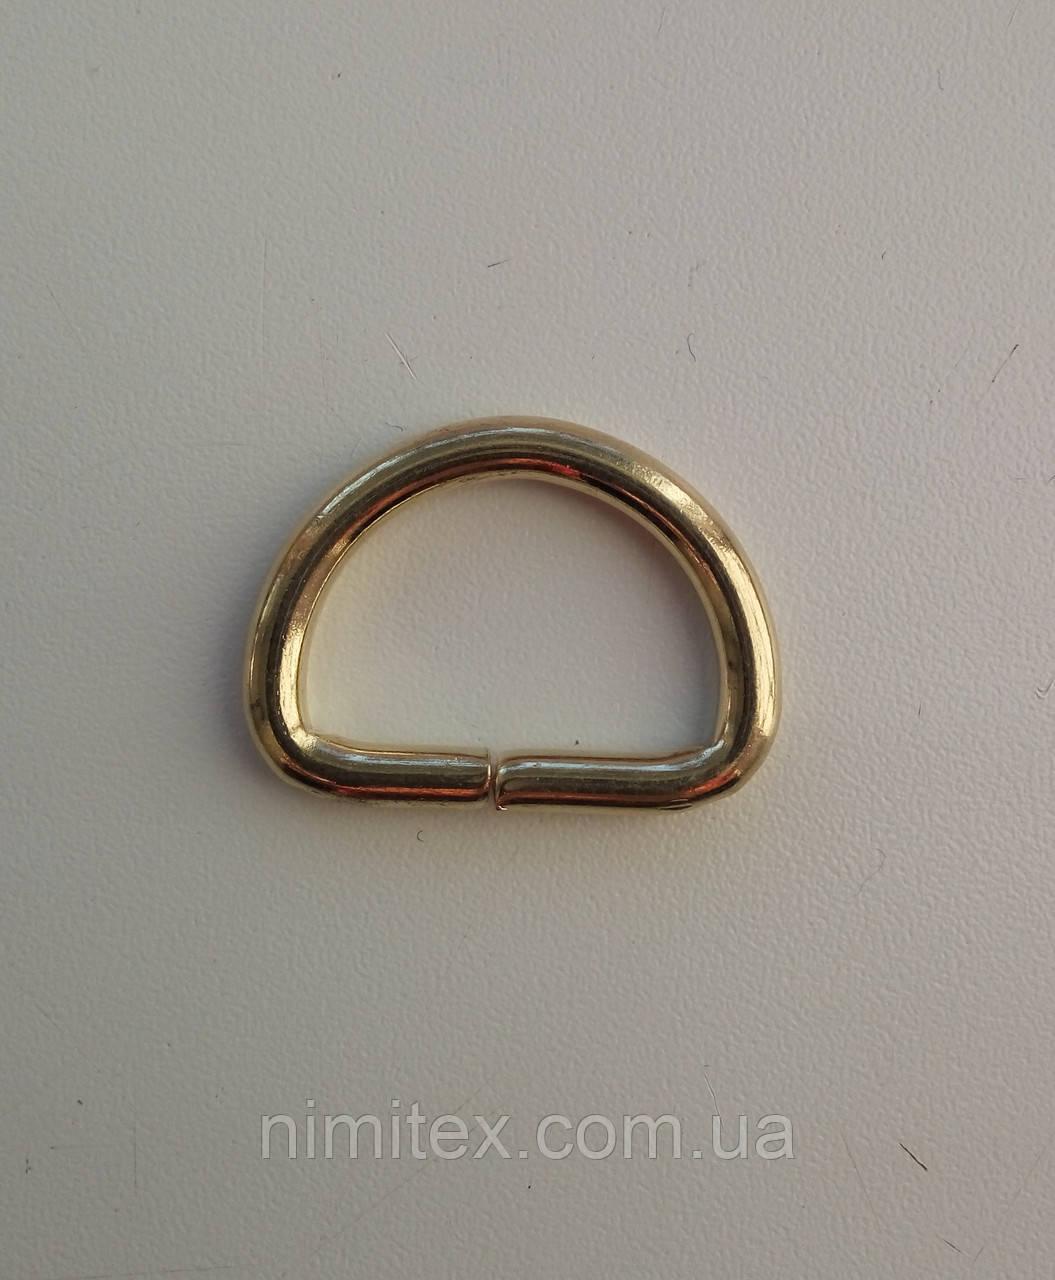 Полукольцо литое 25 мм золото